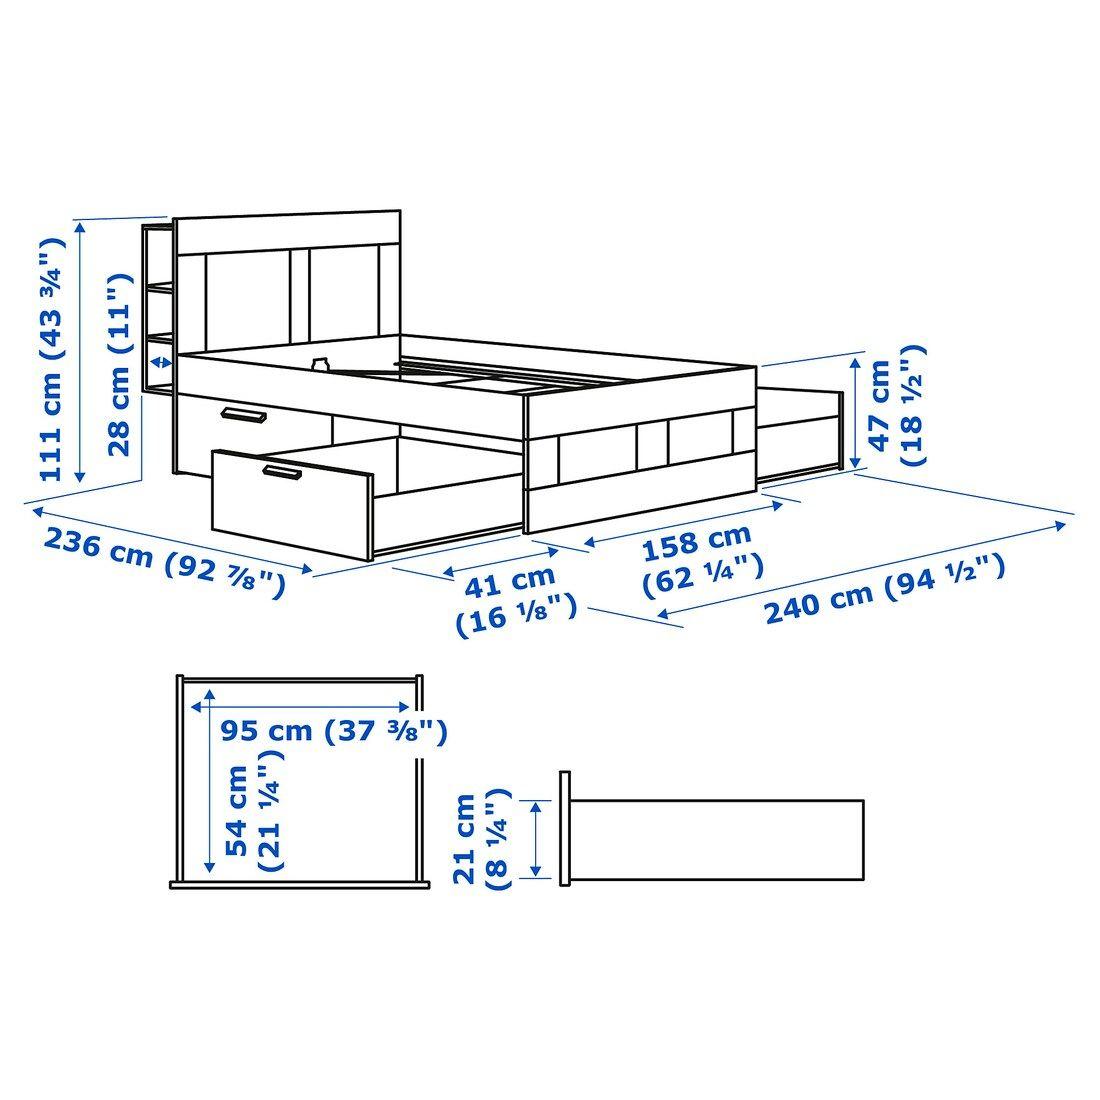 Brimnes Bed Frame With Storage Headboard White Lonset Queen In 2020 Bed Frame With Storage Headboard Storage Brimnes Bed